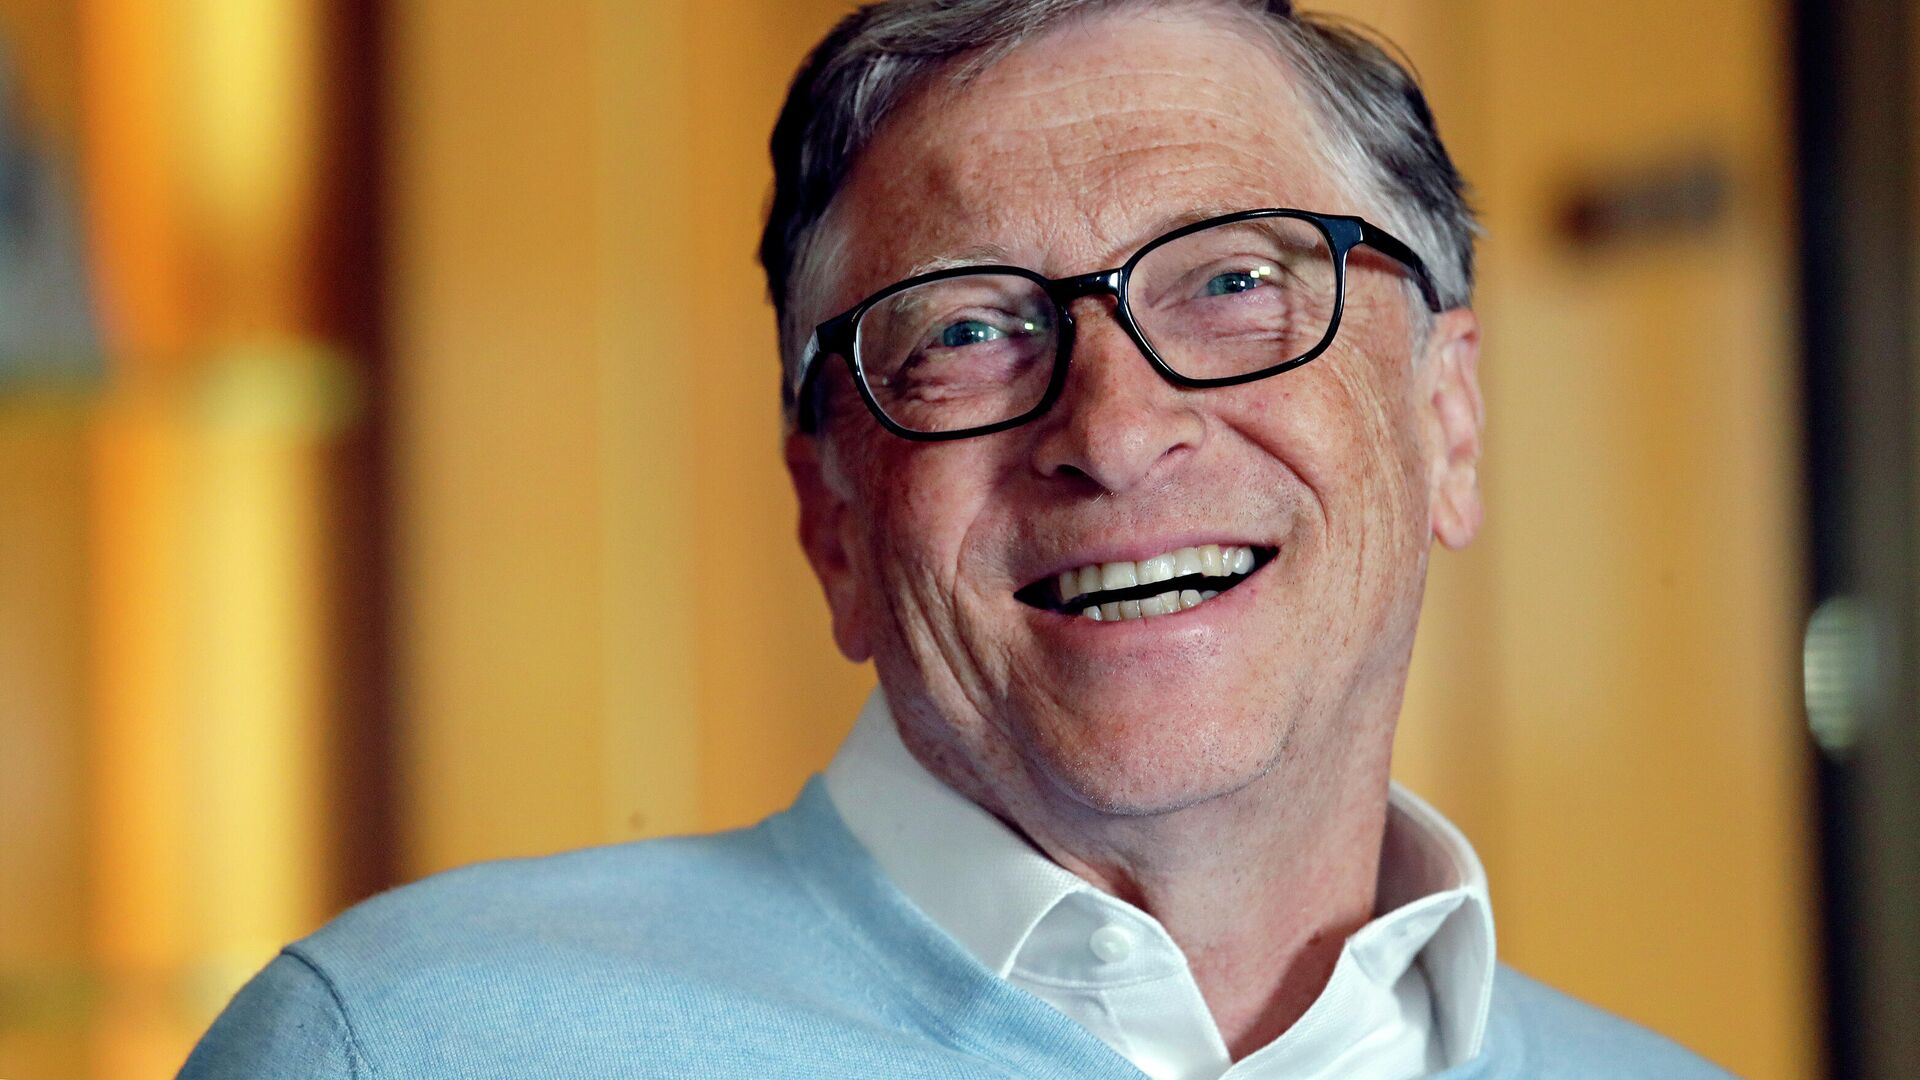 Bill Gates, multimillonario estadounidense y cofundador de Microsoft  - Sputnik Mundo, 1920, 21.02.2021